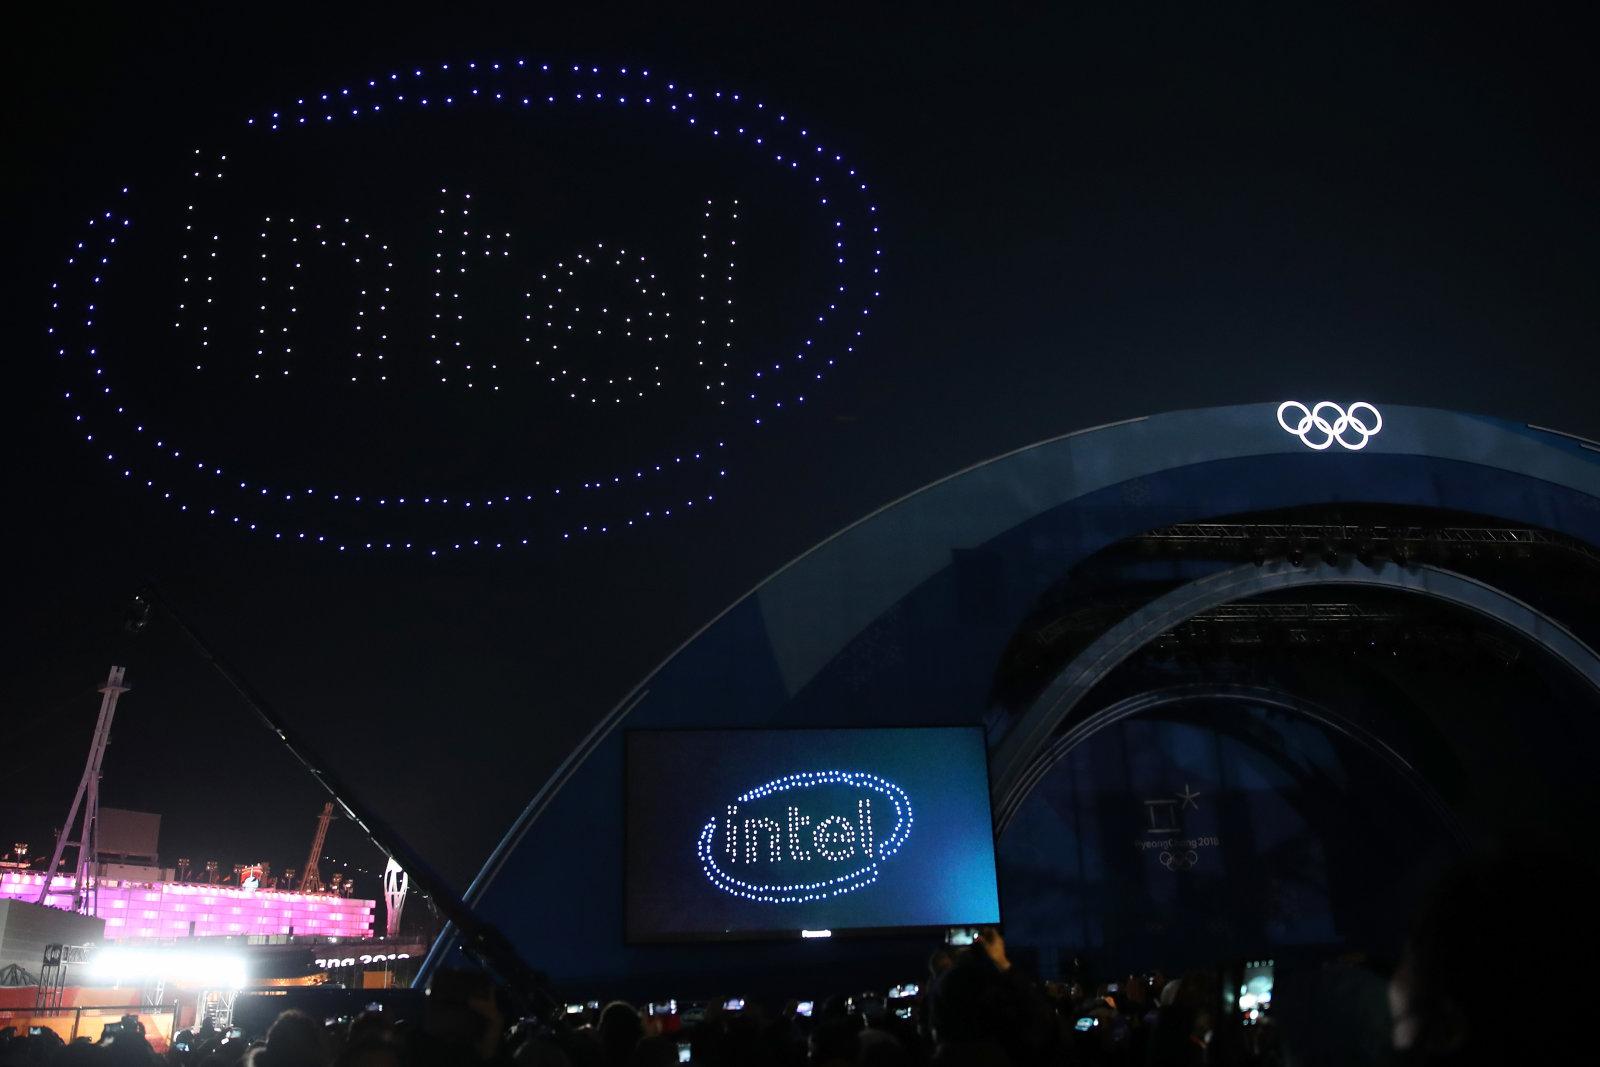 更好的体验!英特尔欲为东京奥运会构建5G网络